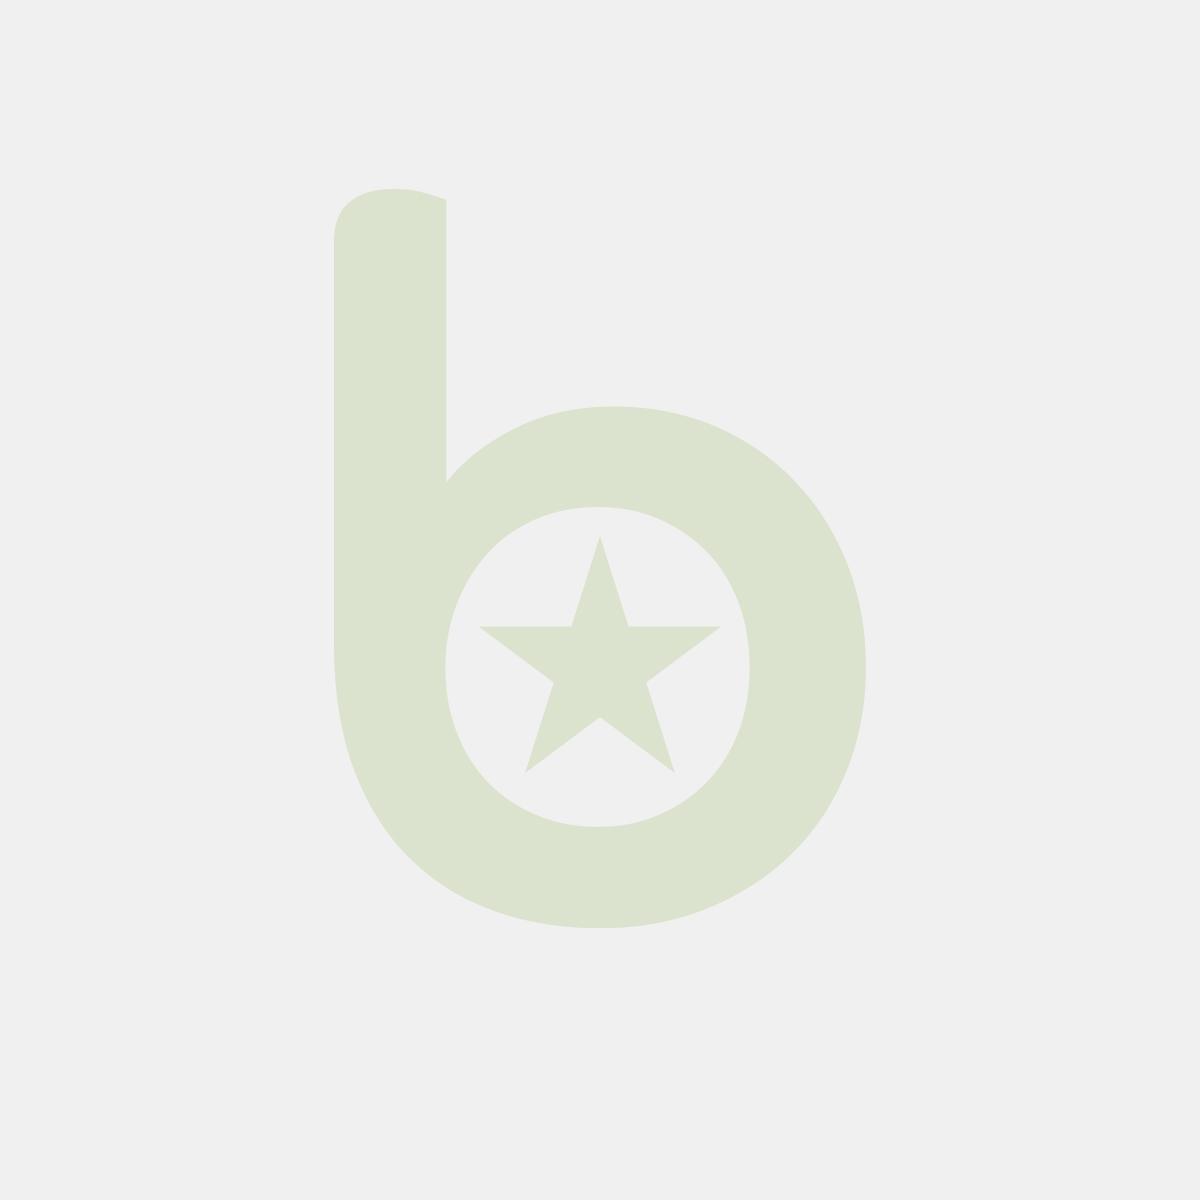 Gumki recepturki mix kolor-opW-il1000g-z b1